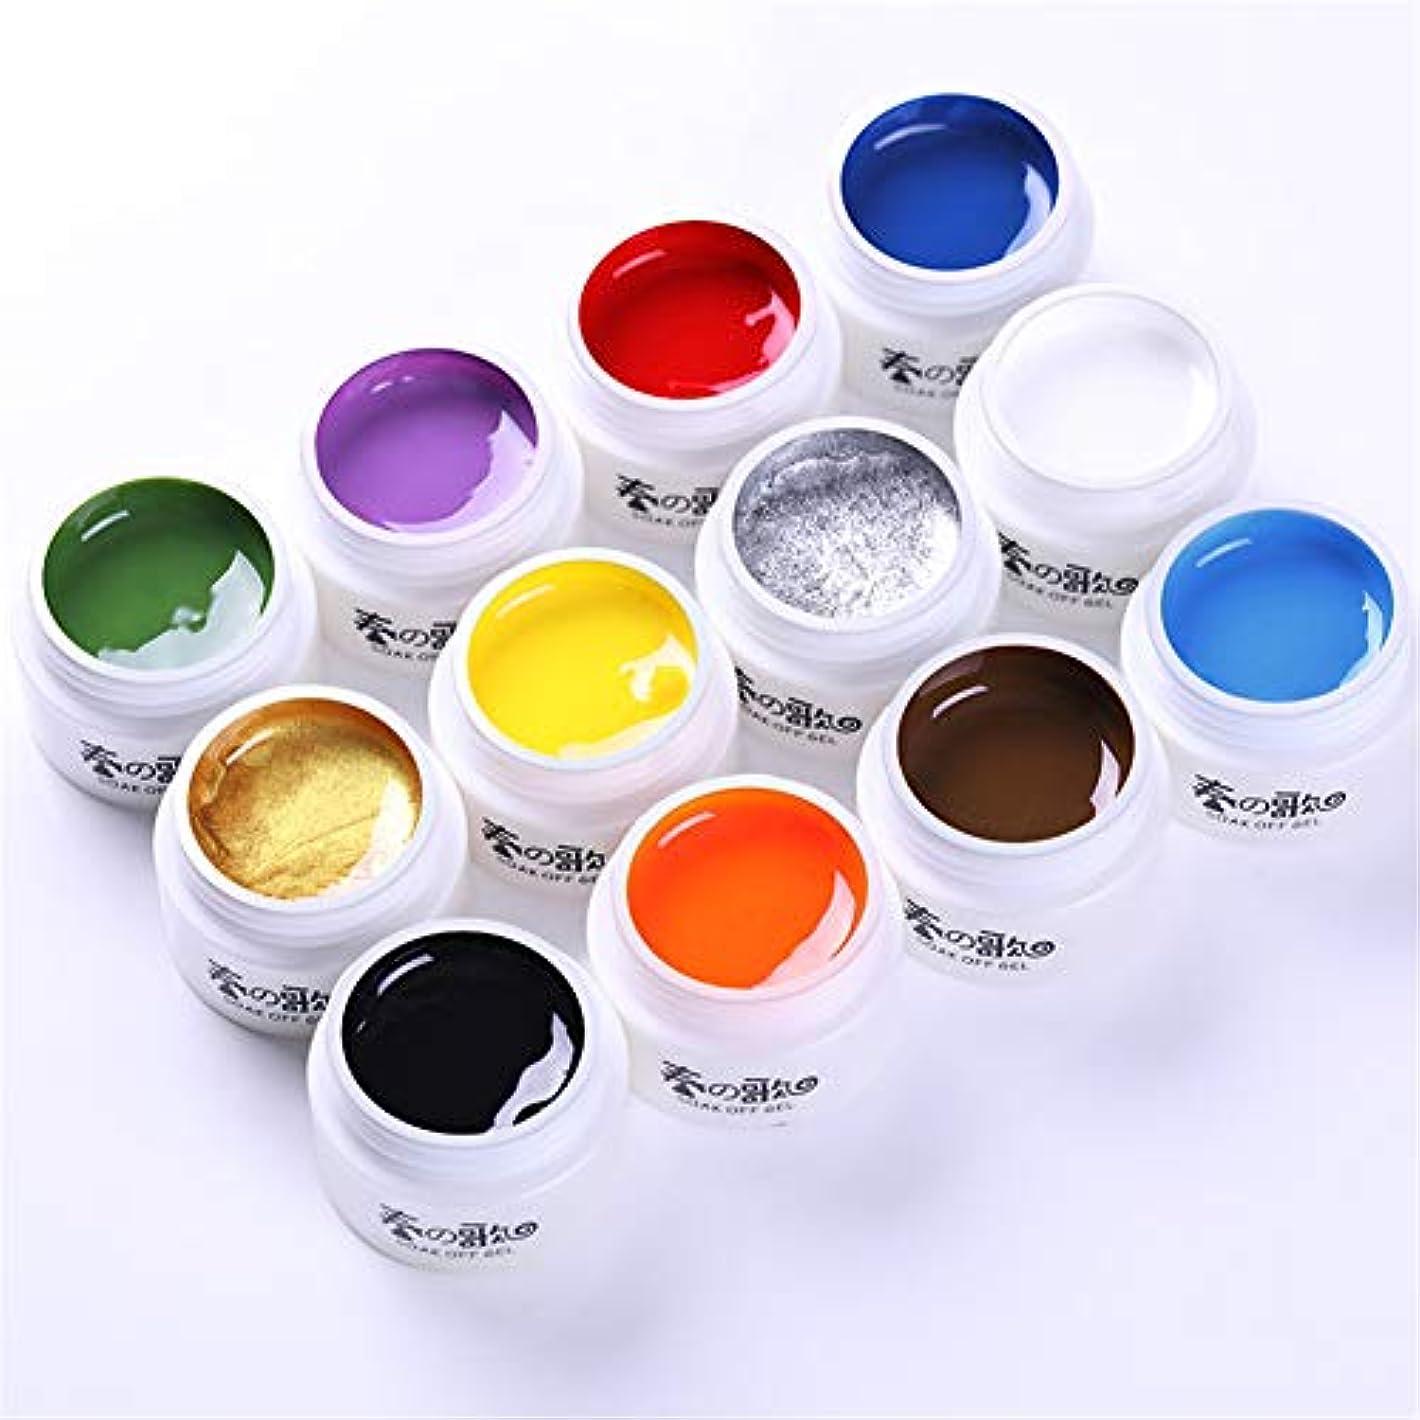 したがってカバレッジダッシュ春の歌 アート専用のカラージェル ライナージェル ものすごく色が濃いカラージェル ラインを引くためのジェル、アクリル絵の具よりも柔らかく使いやすいジェル LED/UV両方対応 [並行輸入品]